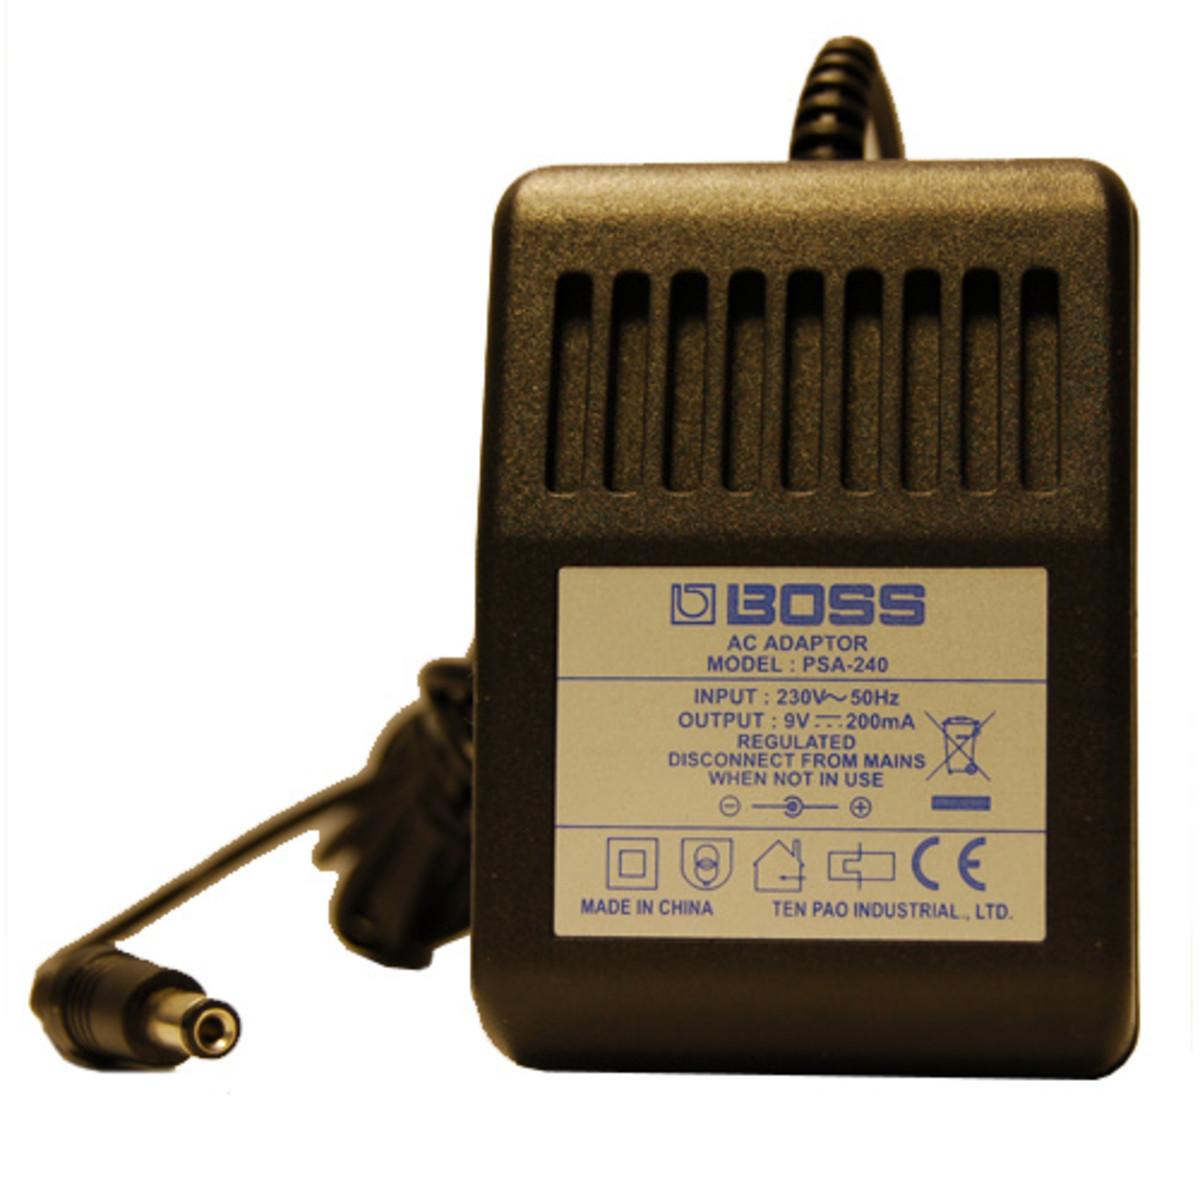 Cheap Boss PSA-240 Power Supply